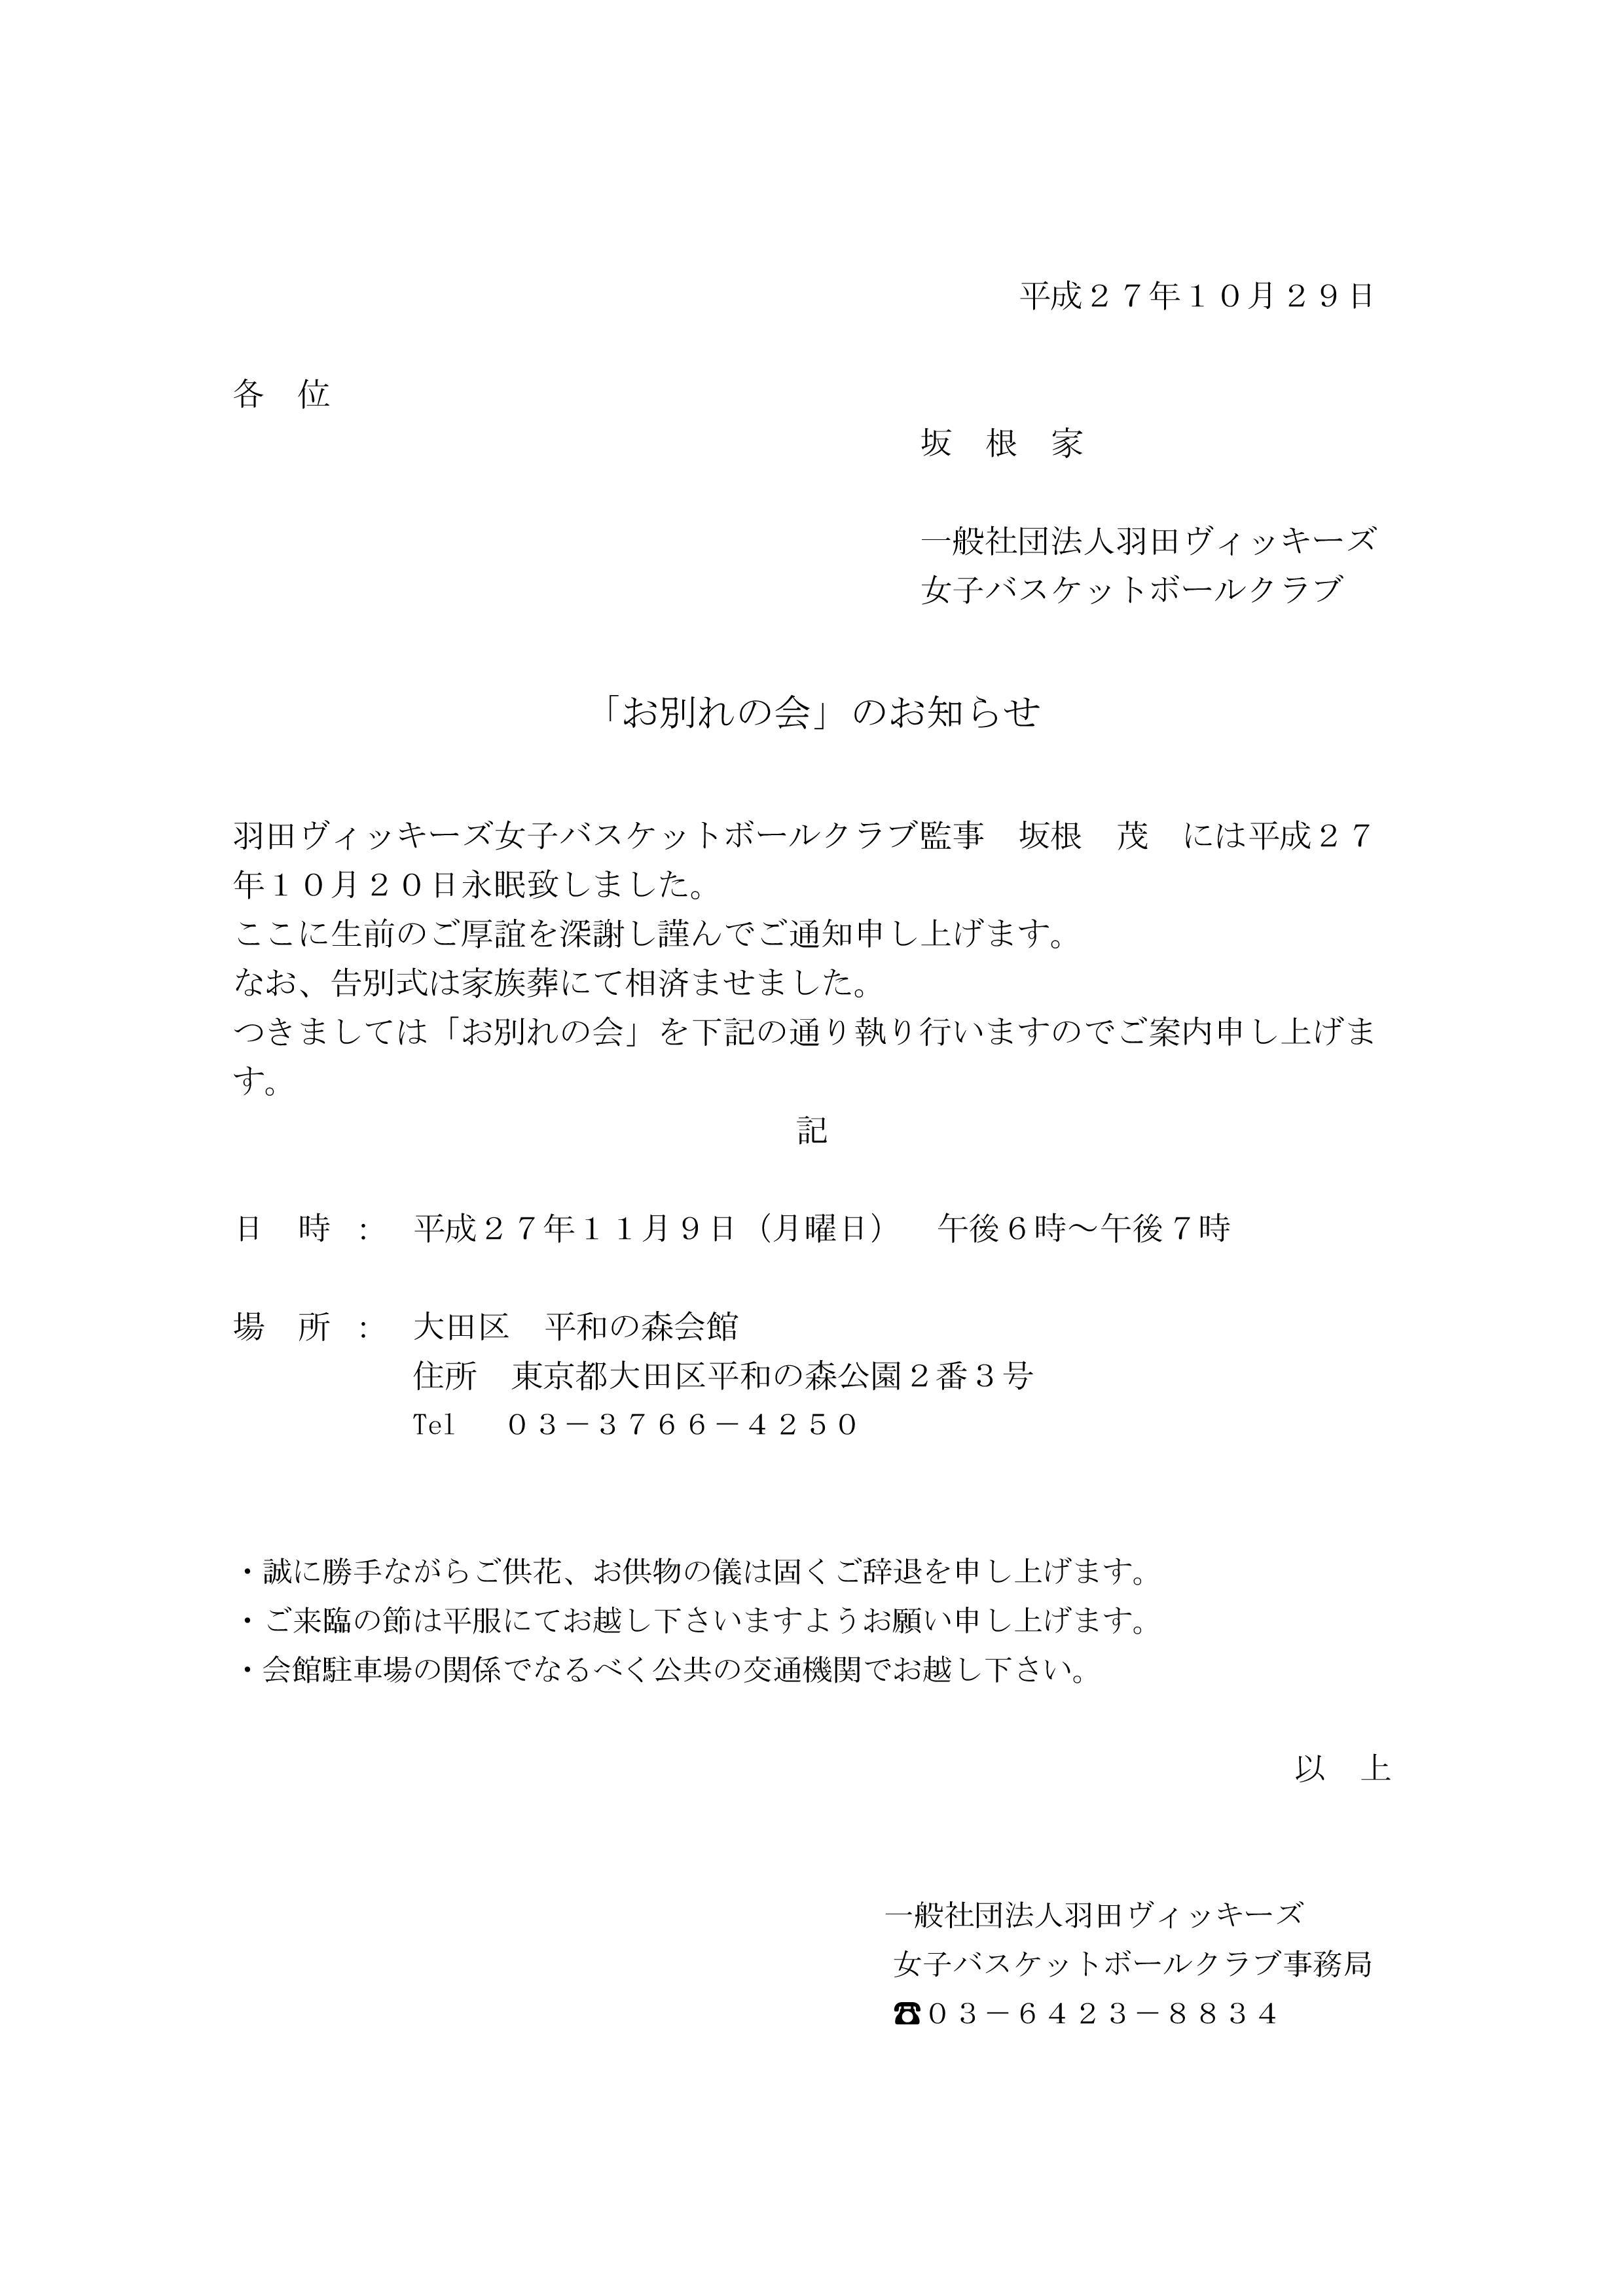 Microsoft Word - 平成27年10月坂根家お別れの会